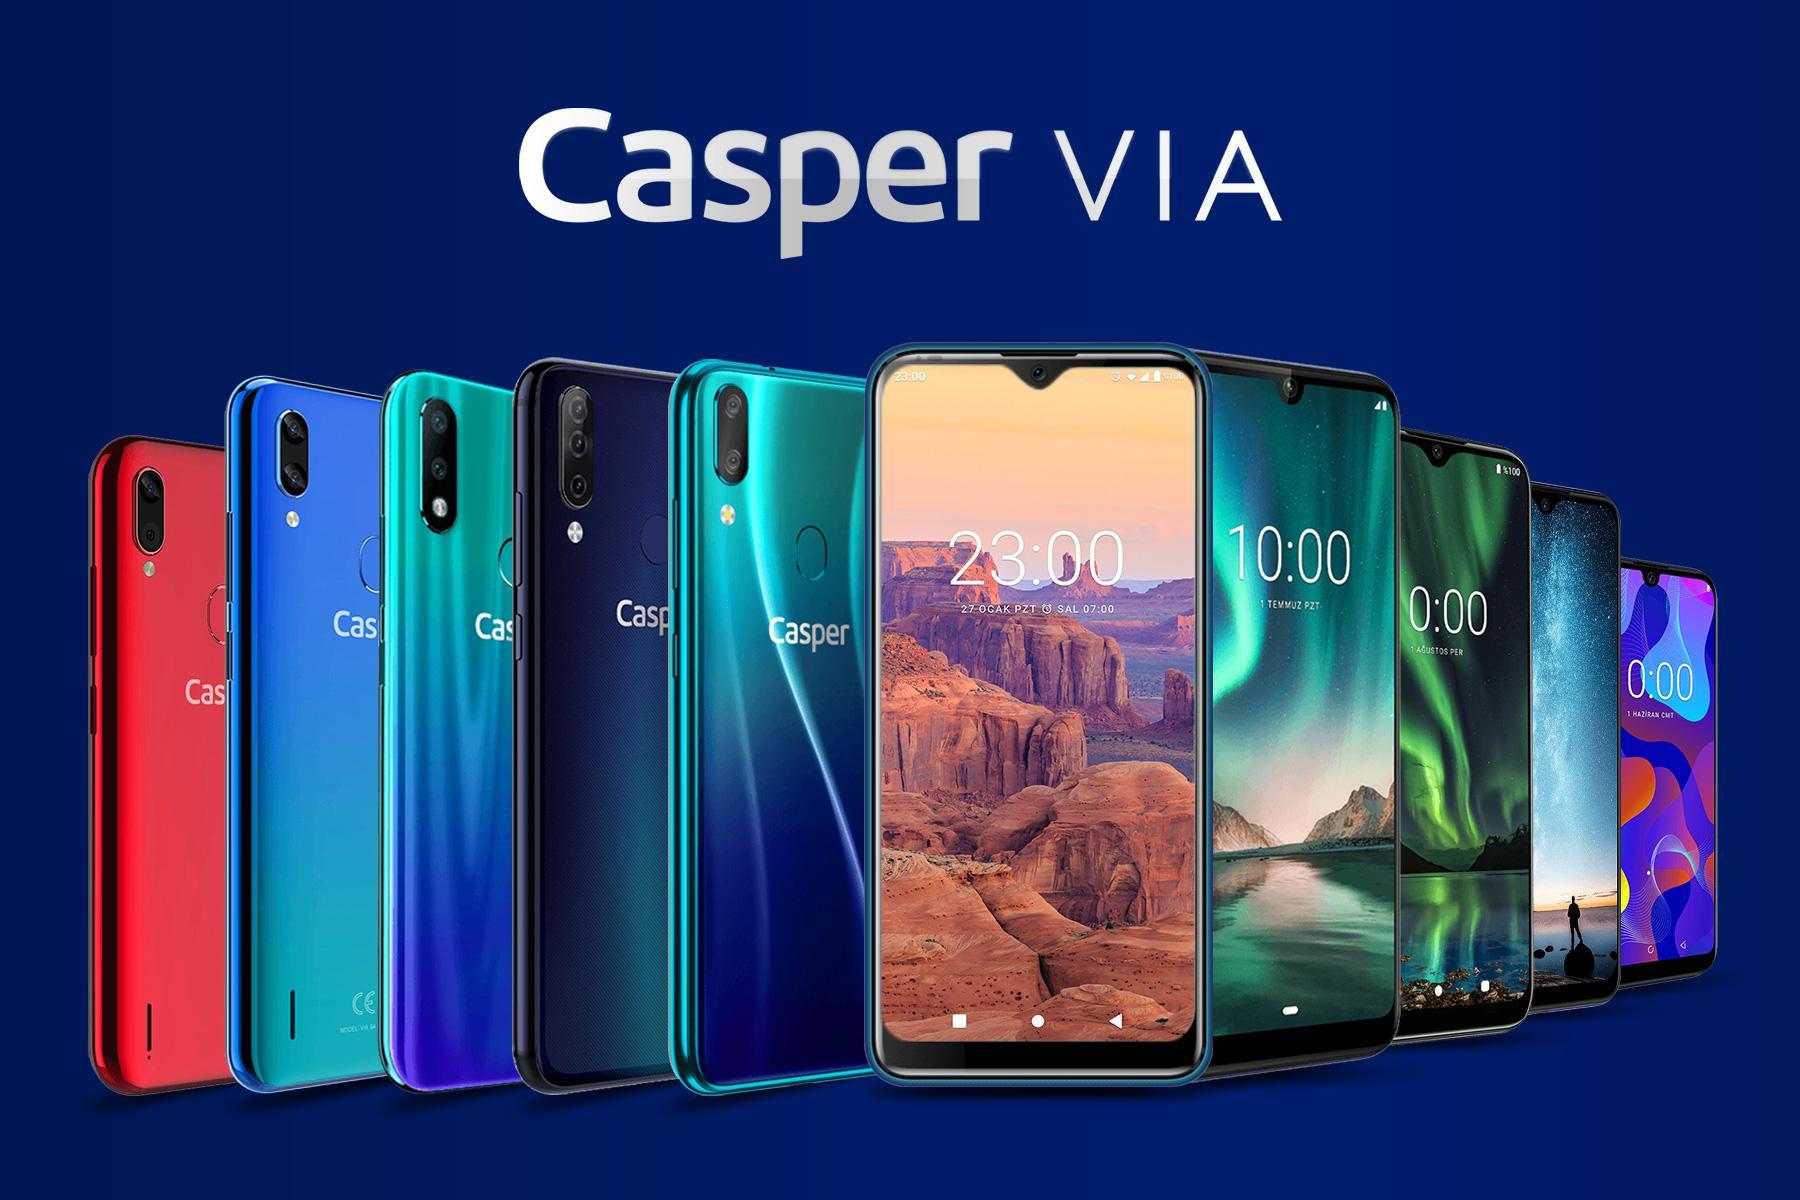 Casper VIA cep telefonlarında nisan fırsatı